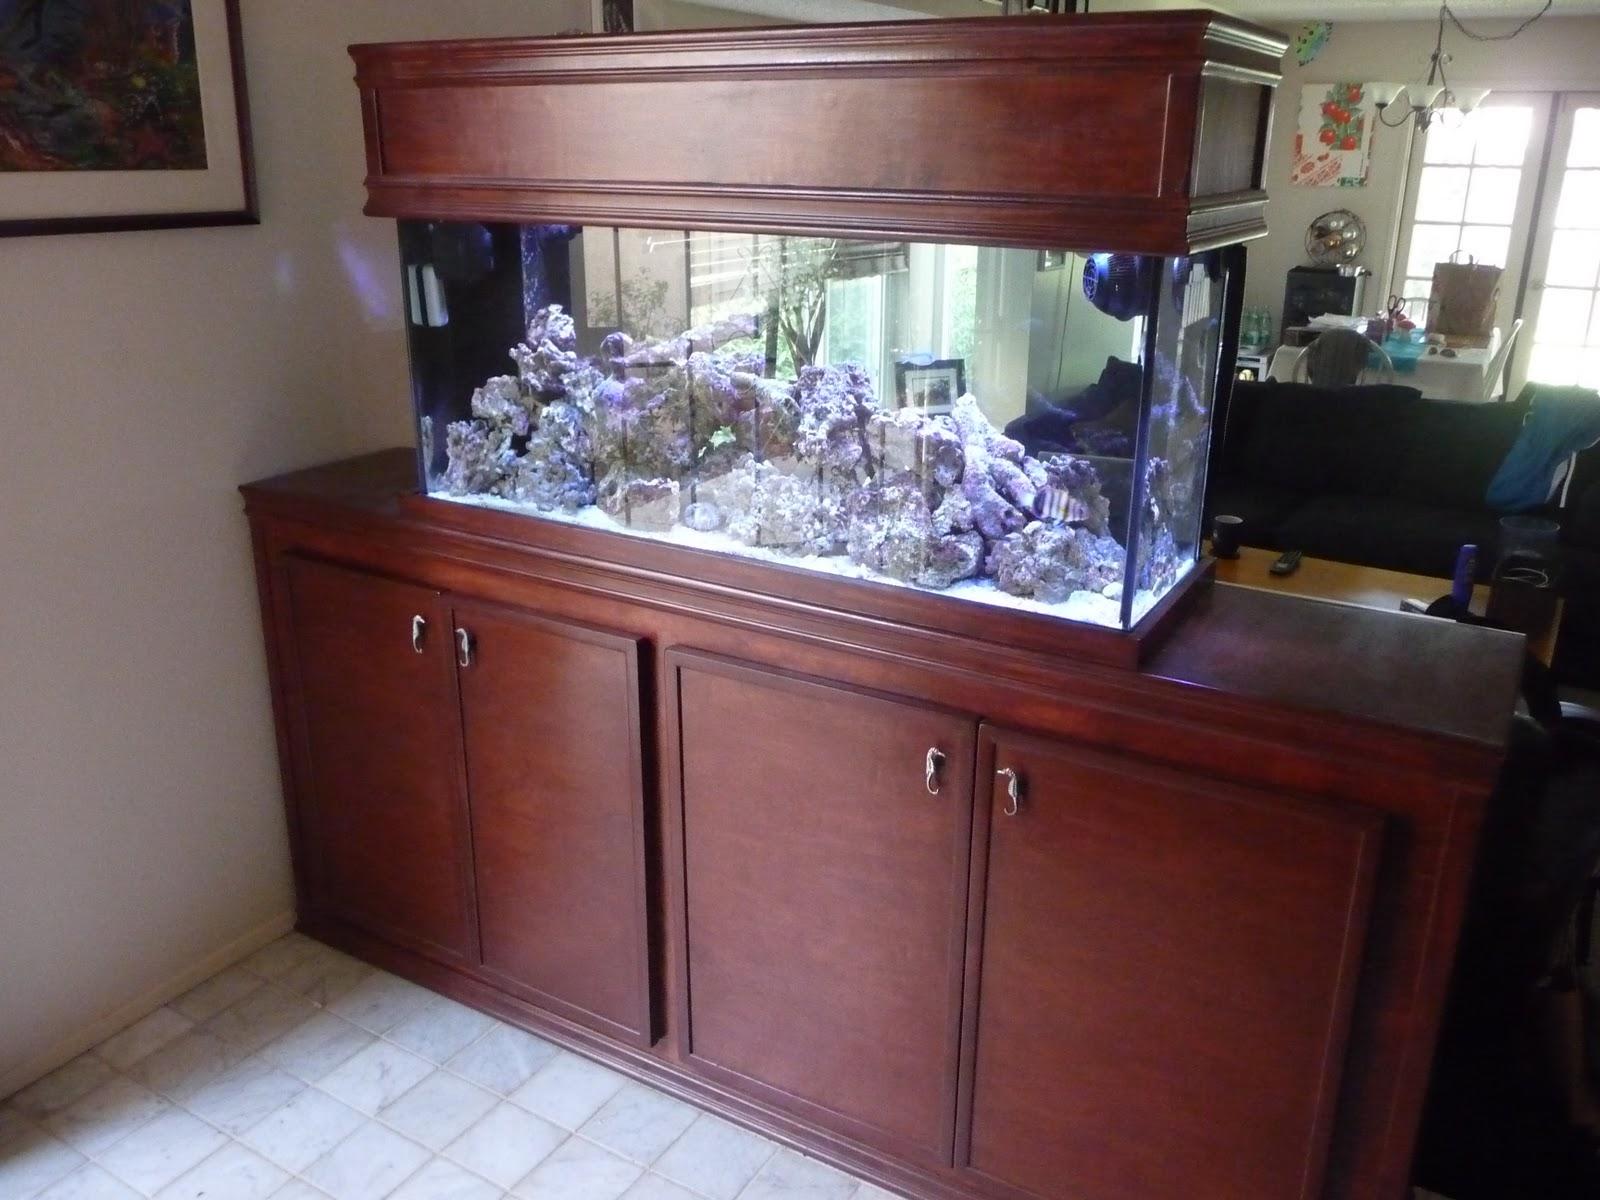 Arduino Aquarium: Introduction